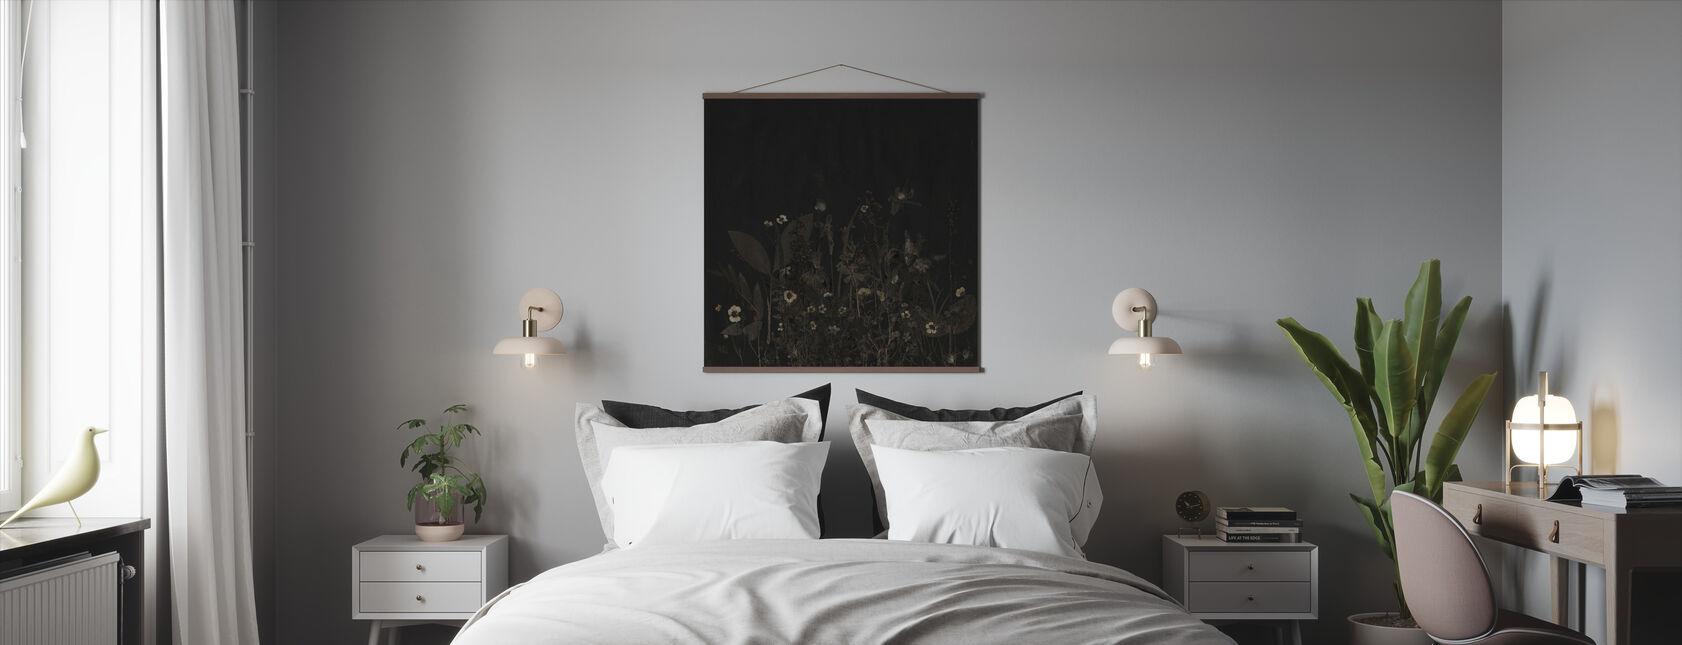 Yöllinen - Juliste - Makuuhuone